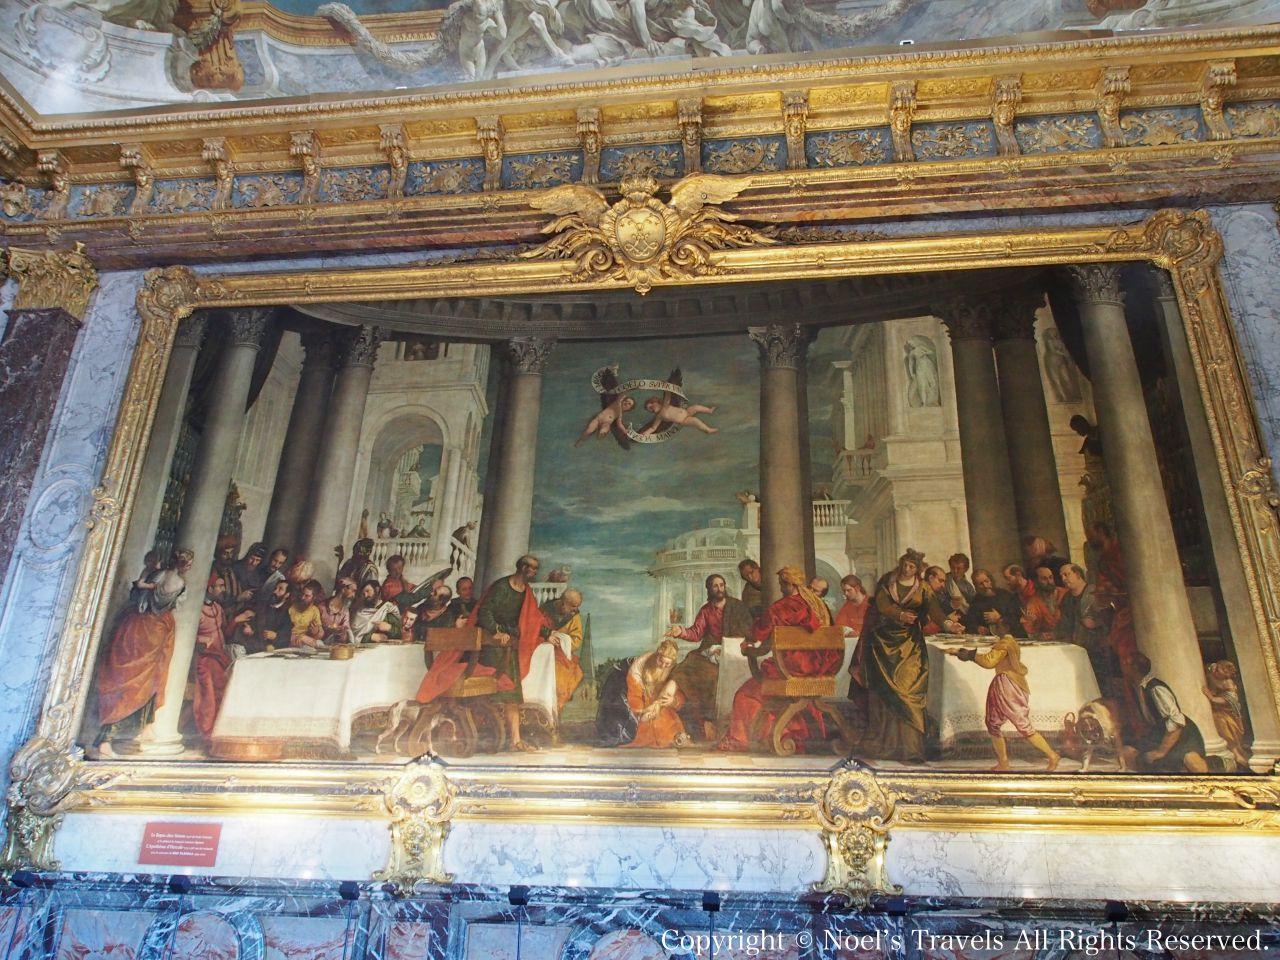 ヴェルサイユ宮殿の「パリサイ人シモン家の宴」